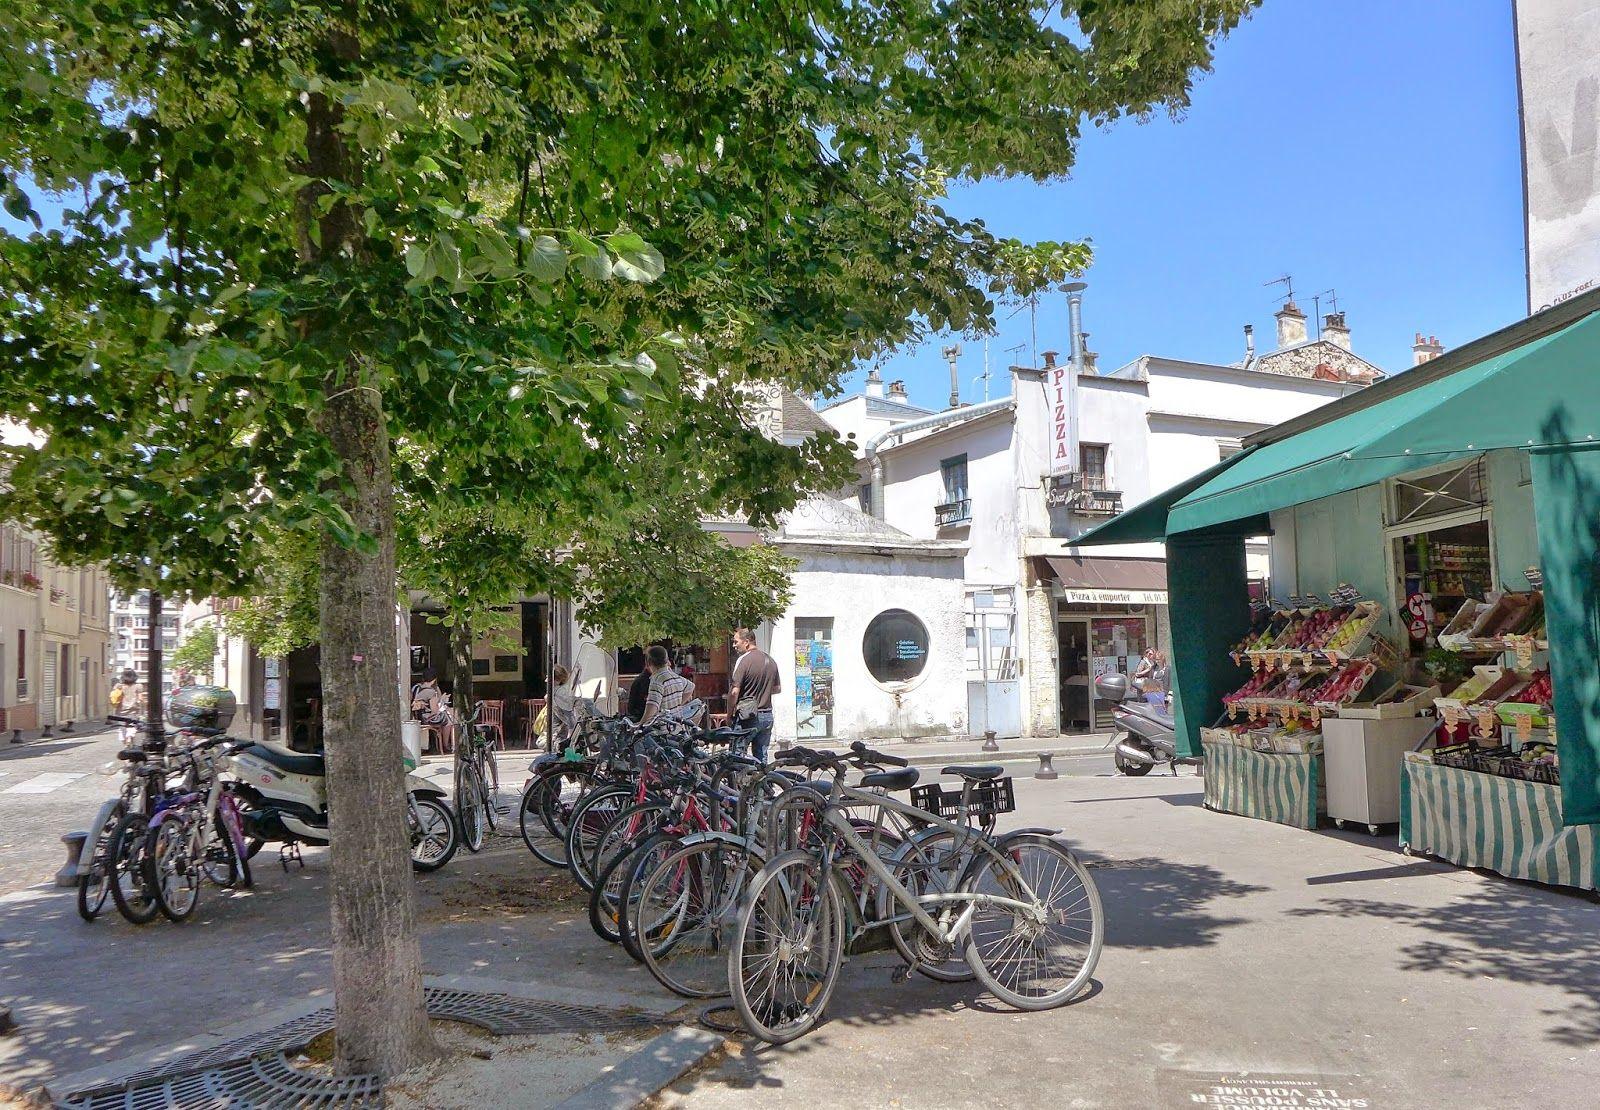 La Butte Aux Cailles Photos french girl in seattle: paris, that village one of paris